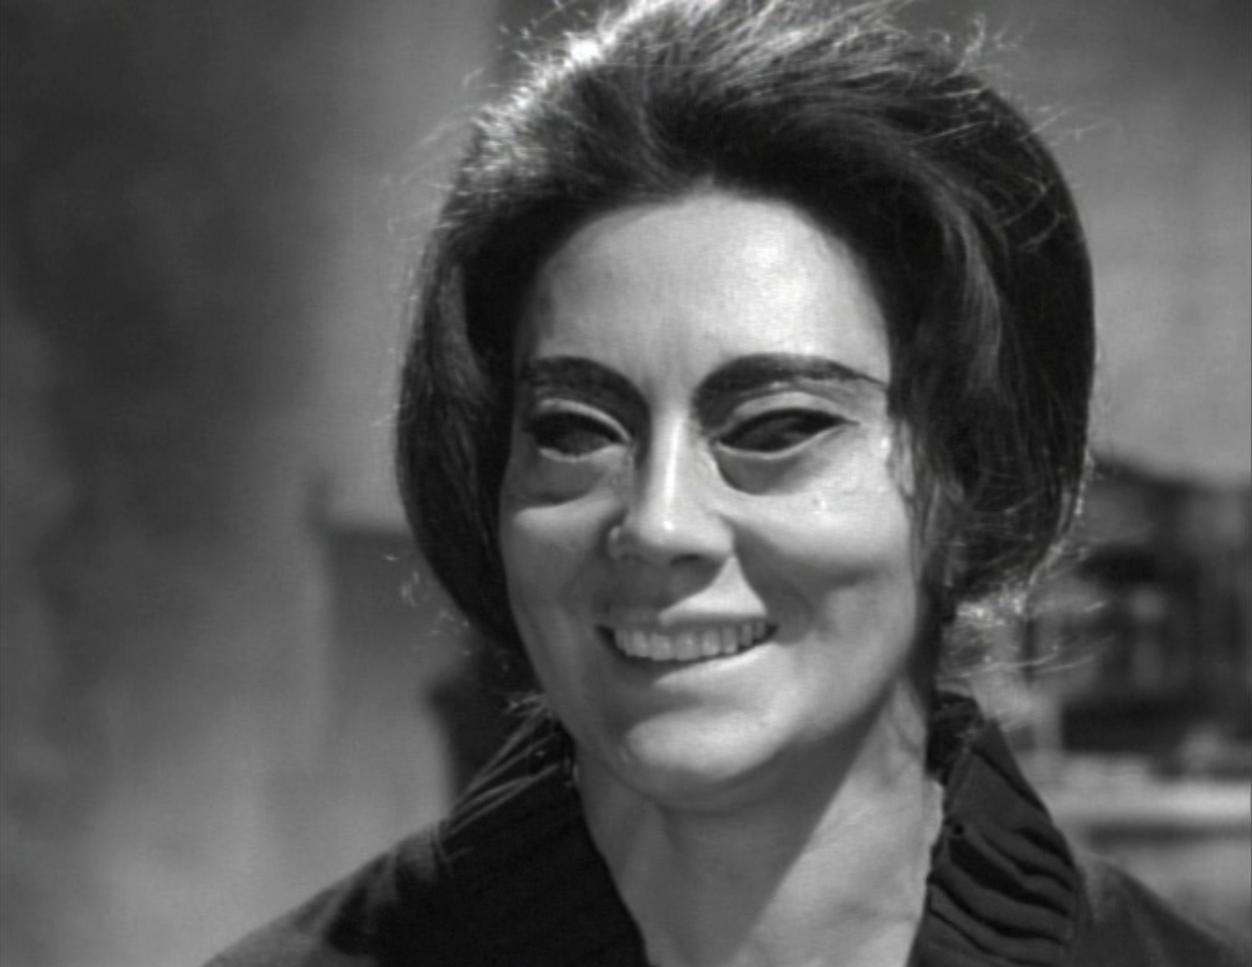 #RadioCine: La maldición de la llorona (1961) - Radio Cantilo